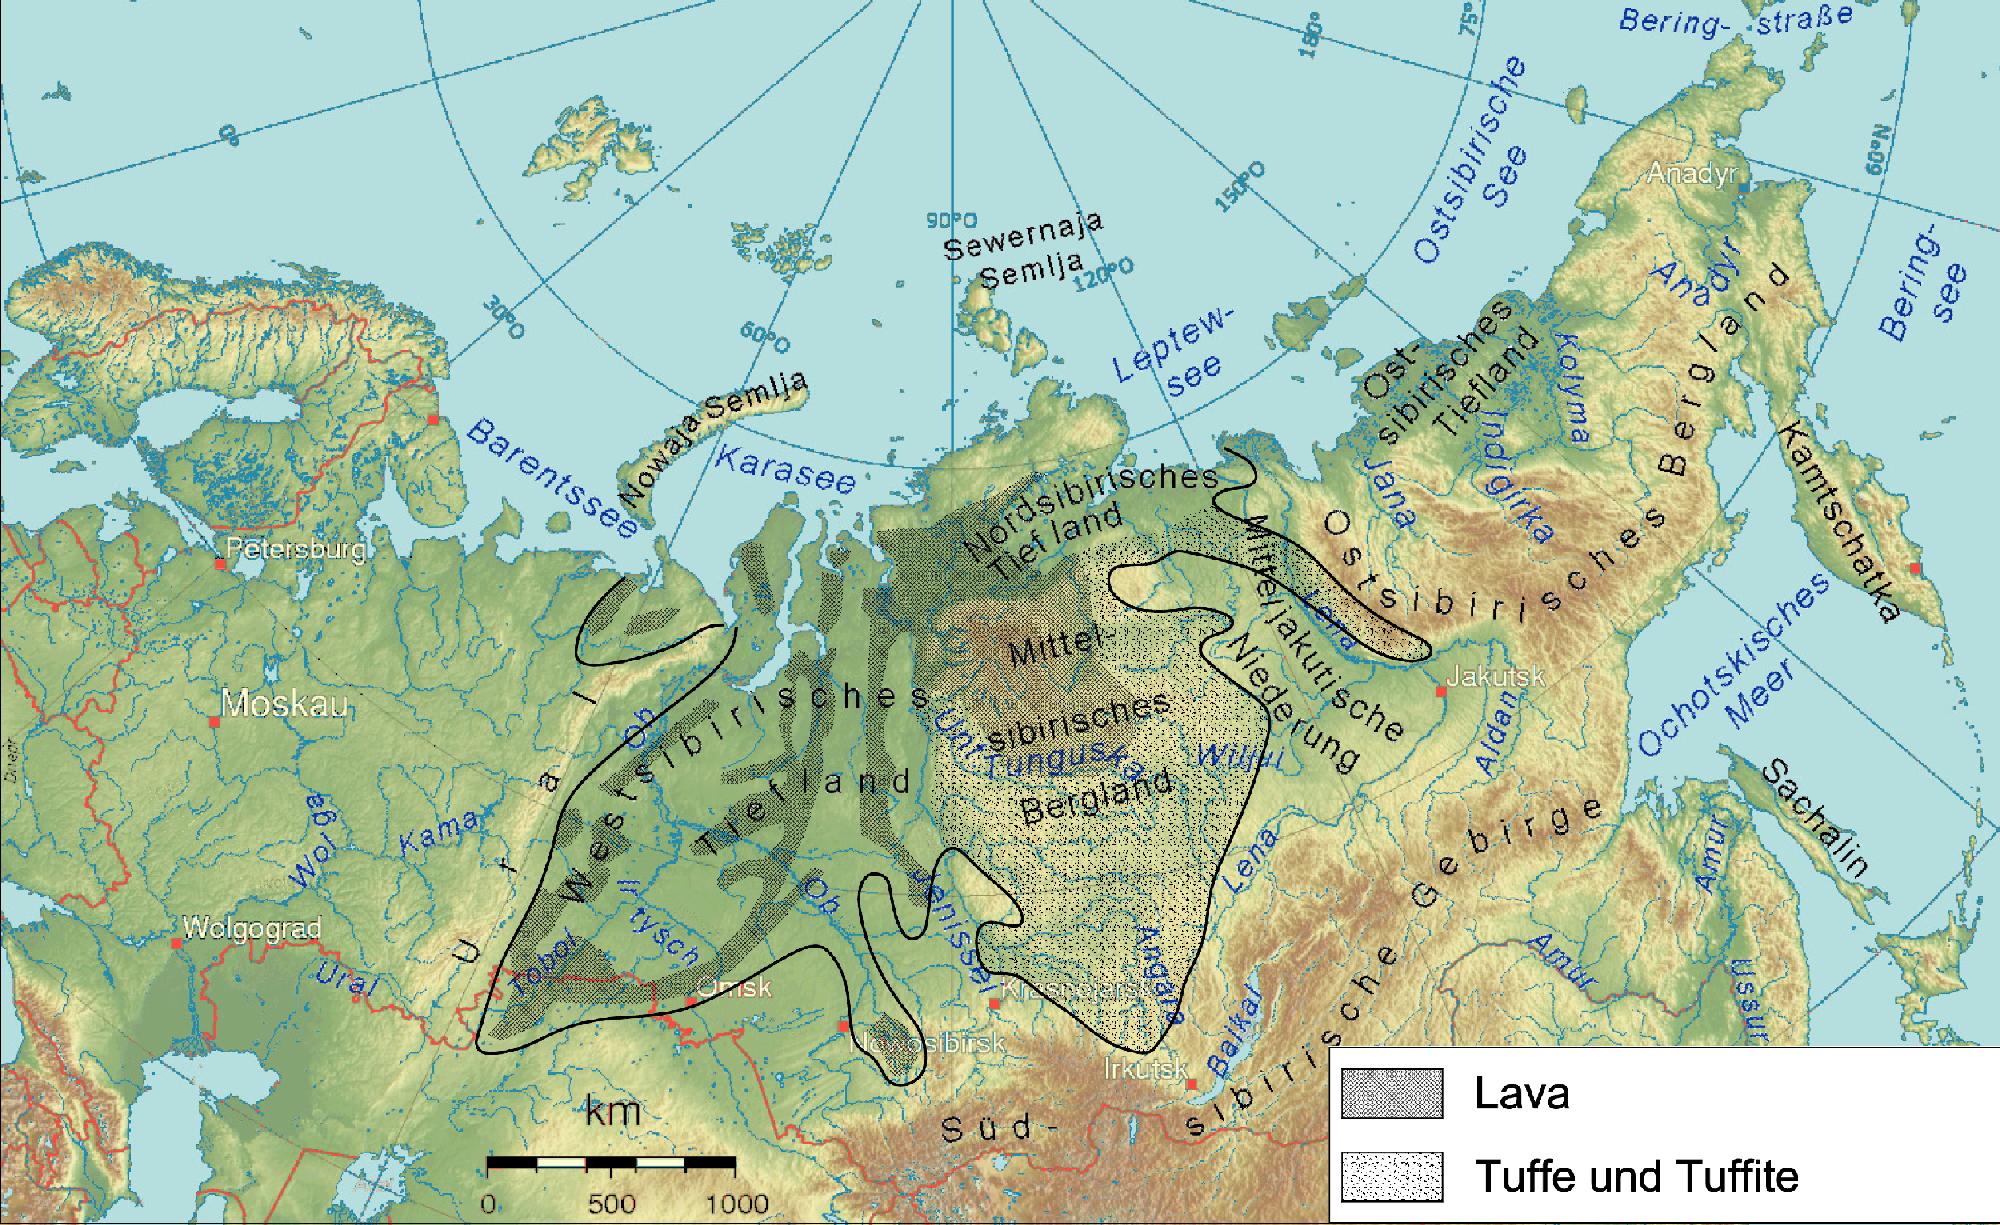 Extensión de las escaleras siberianas en un mapa actual.